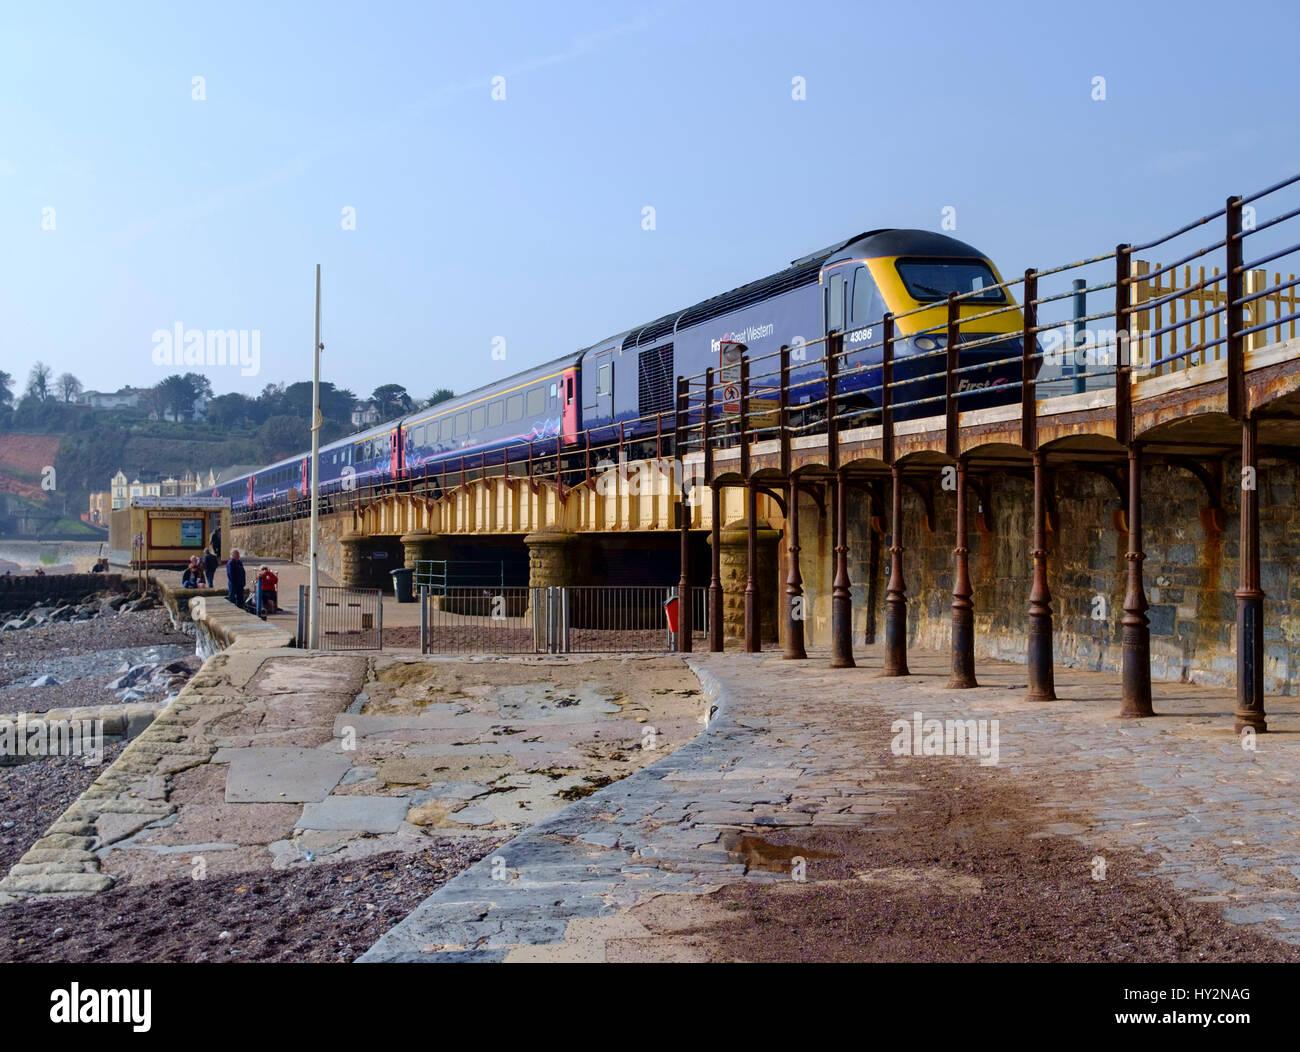 the Railway at Dawlish South Devon England UK - Stock Image